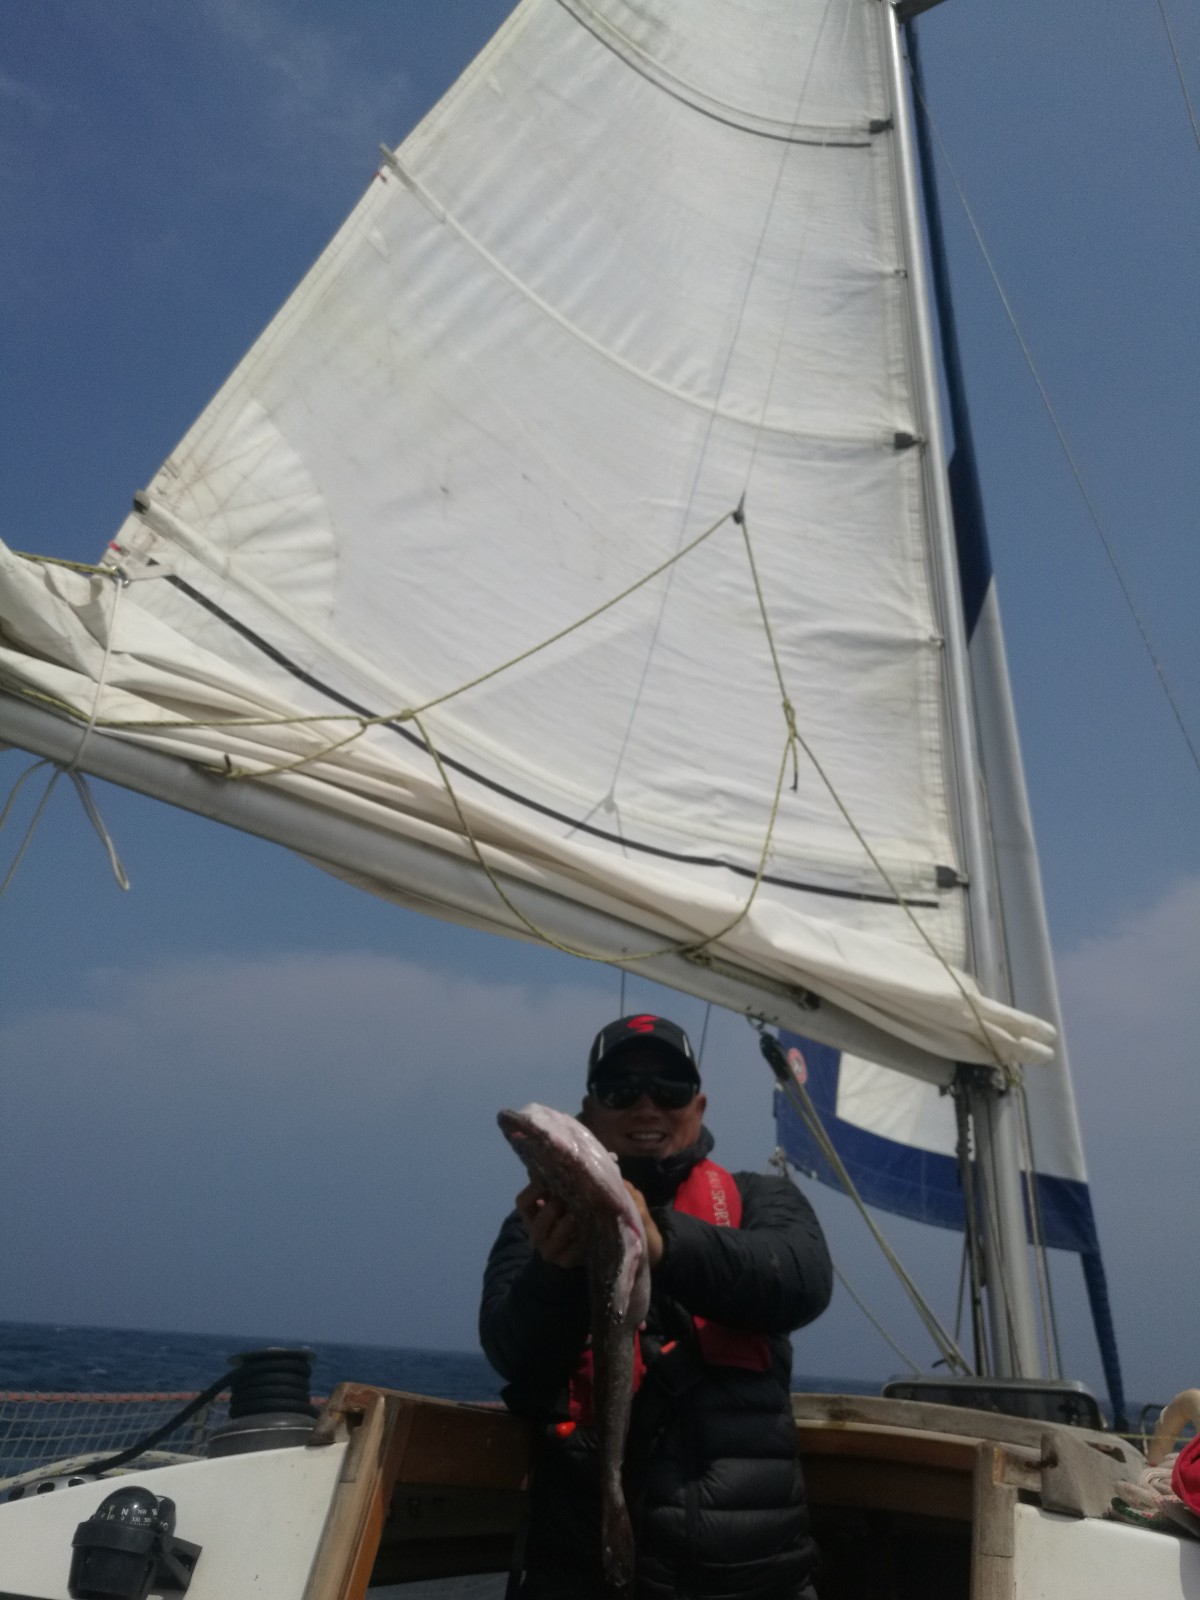 唐山,返航,航海,中篇,出处 我爱这被风带走不会再有的每一天 ,那只有我自己知道的快乐——唐山号返航记(下篇)  150651gjue9u57